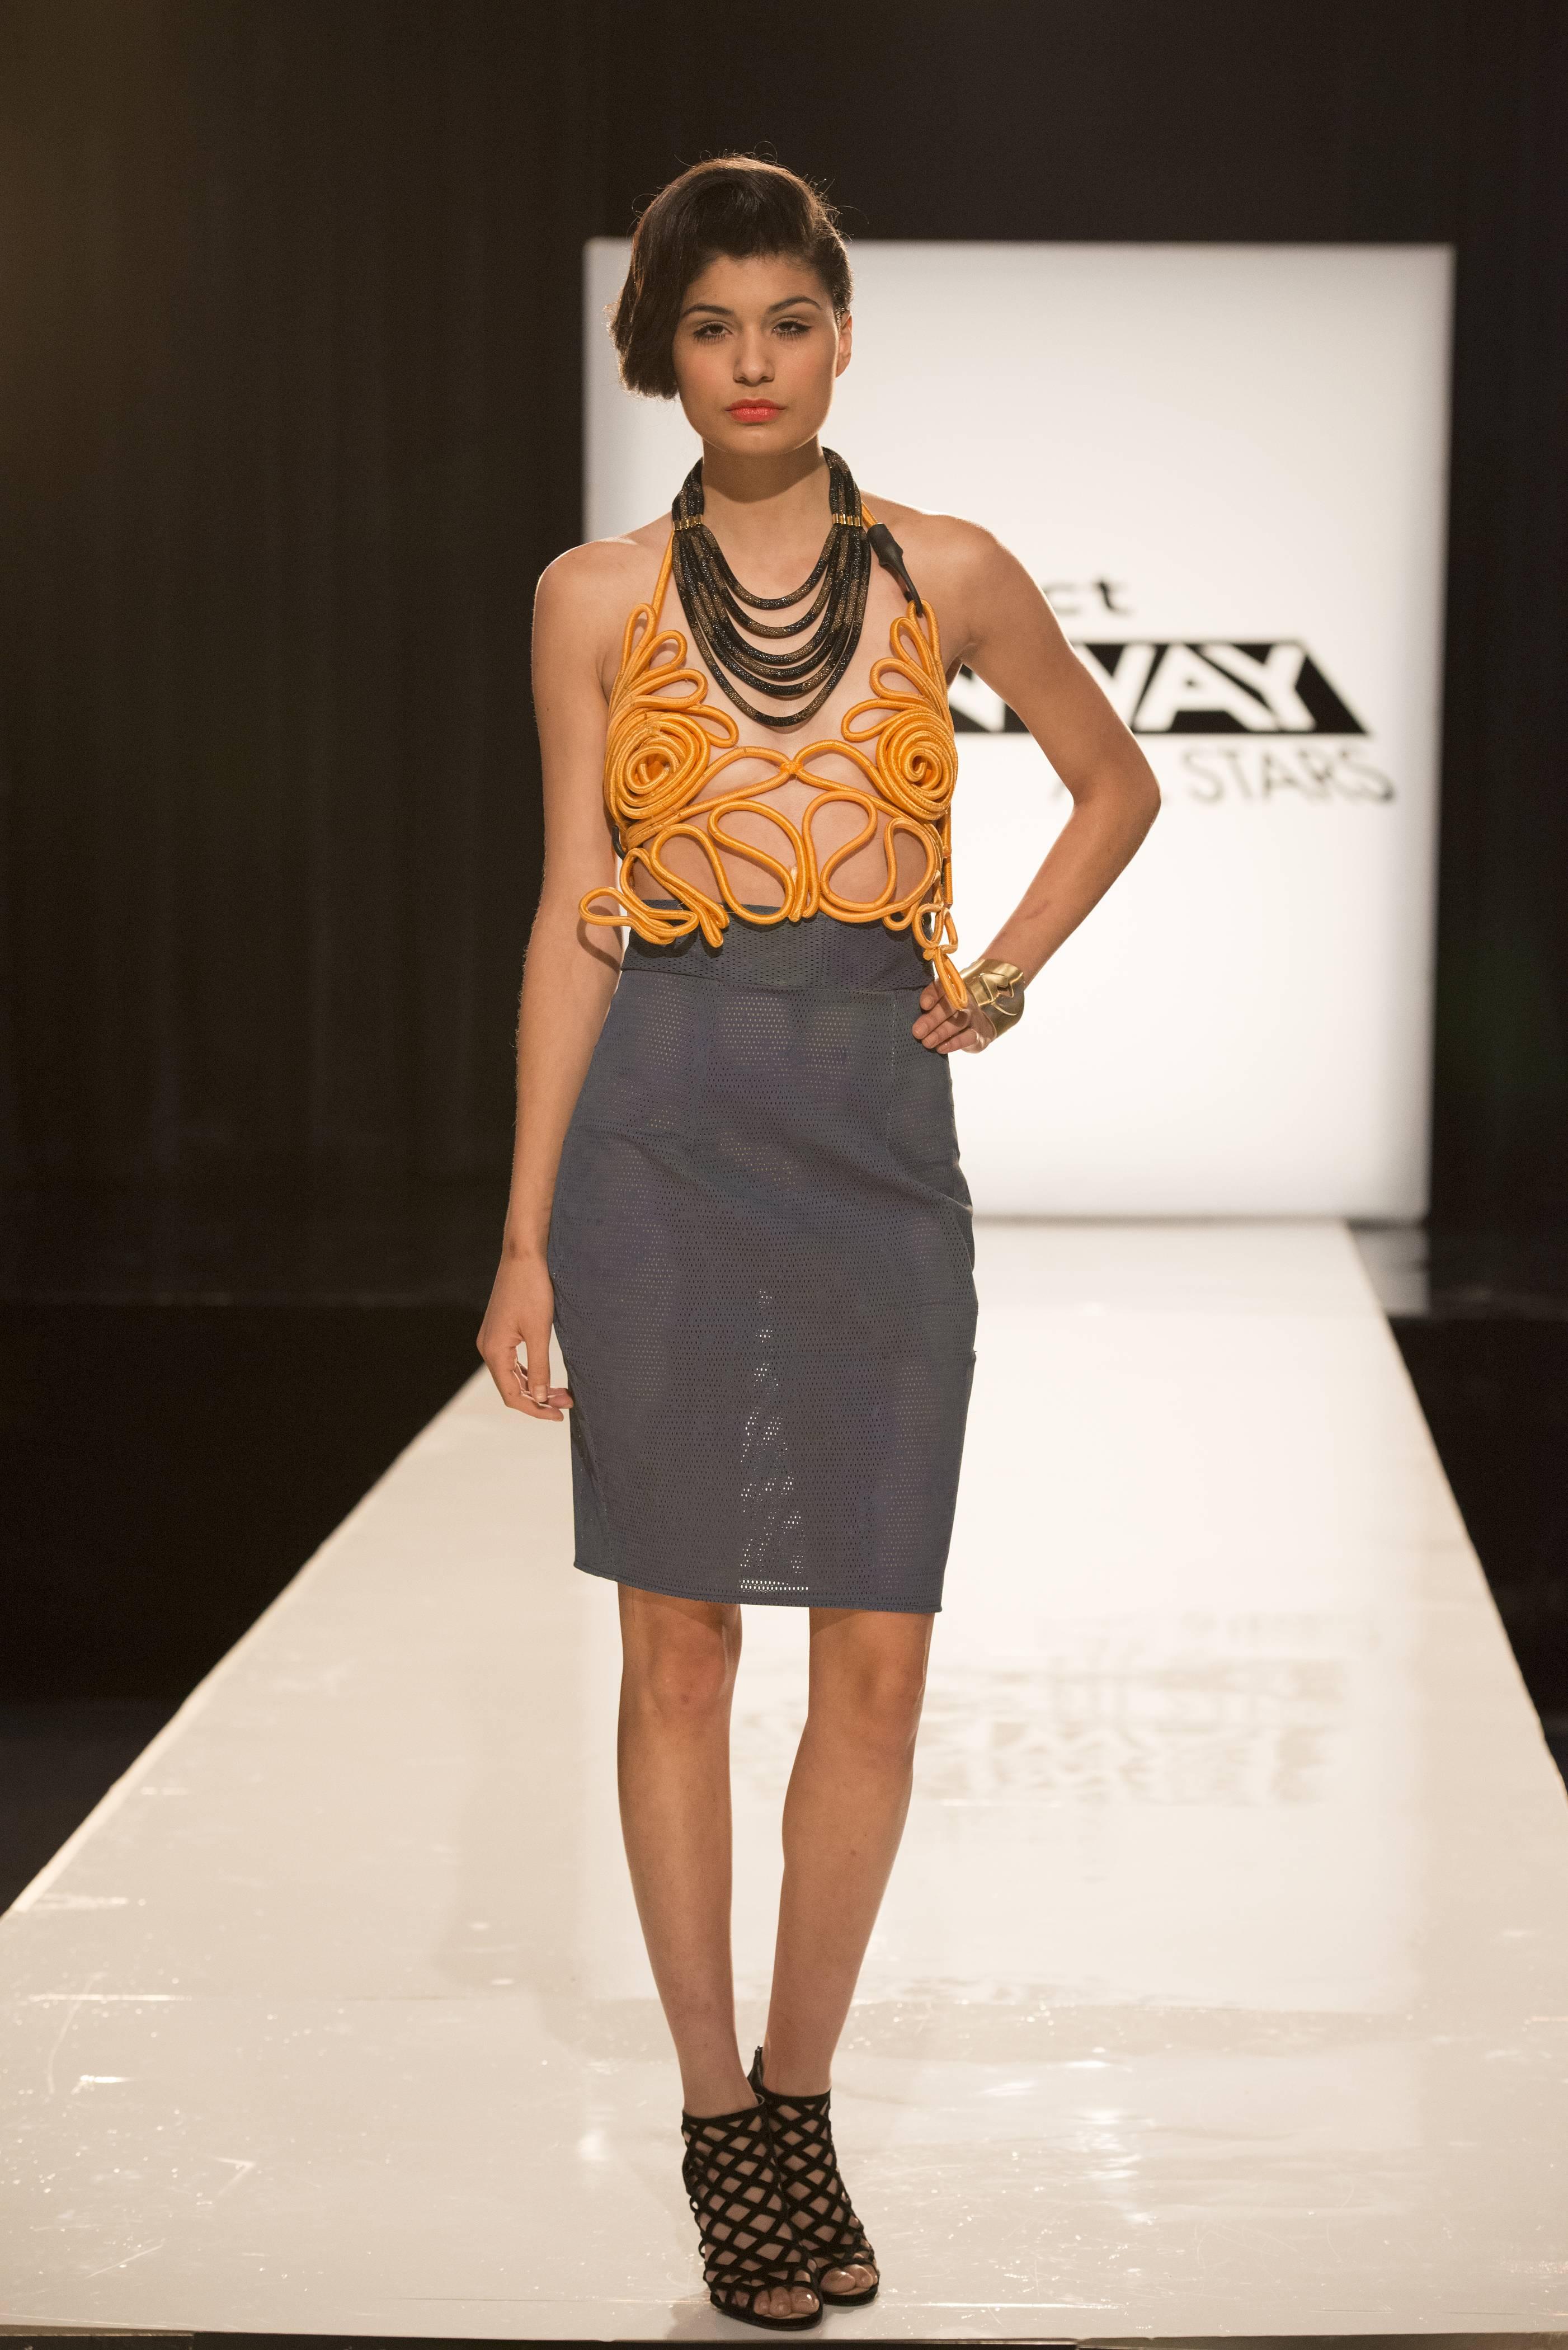 steele interviews  fashion designer samantha black